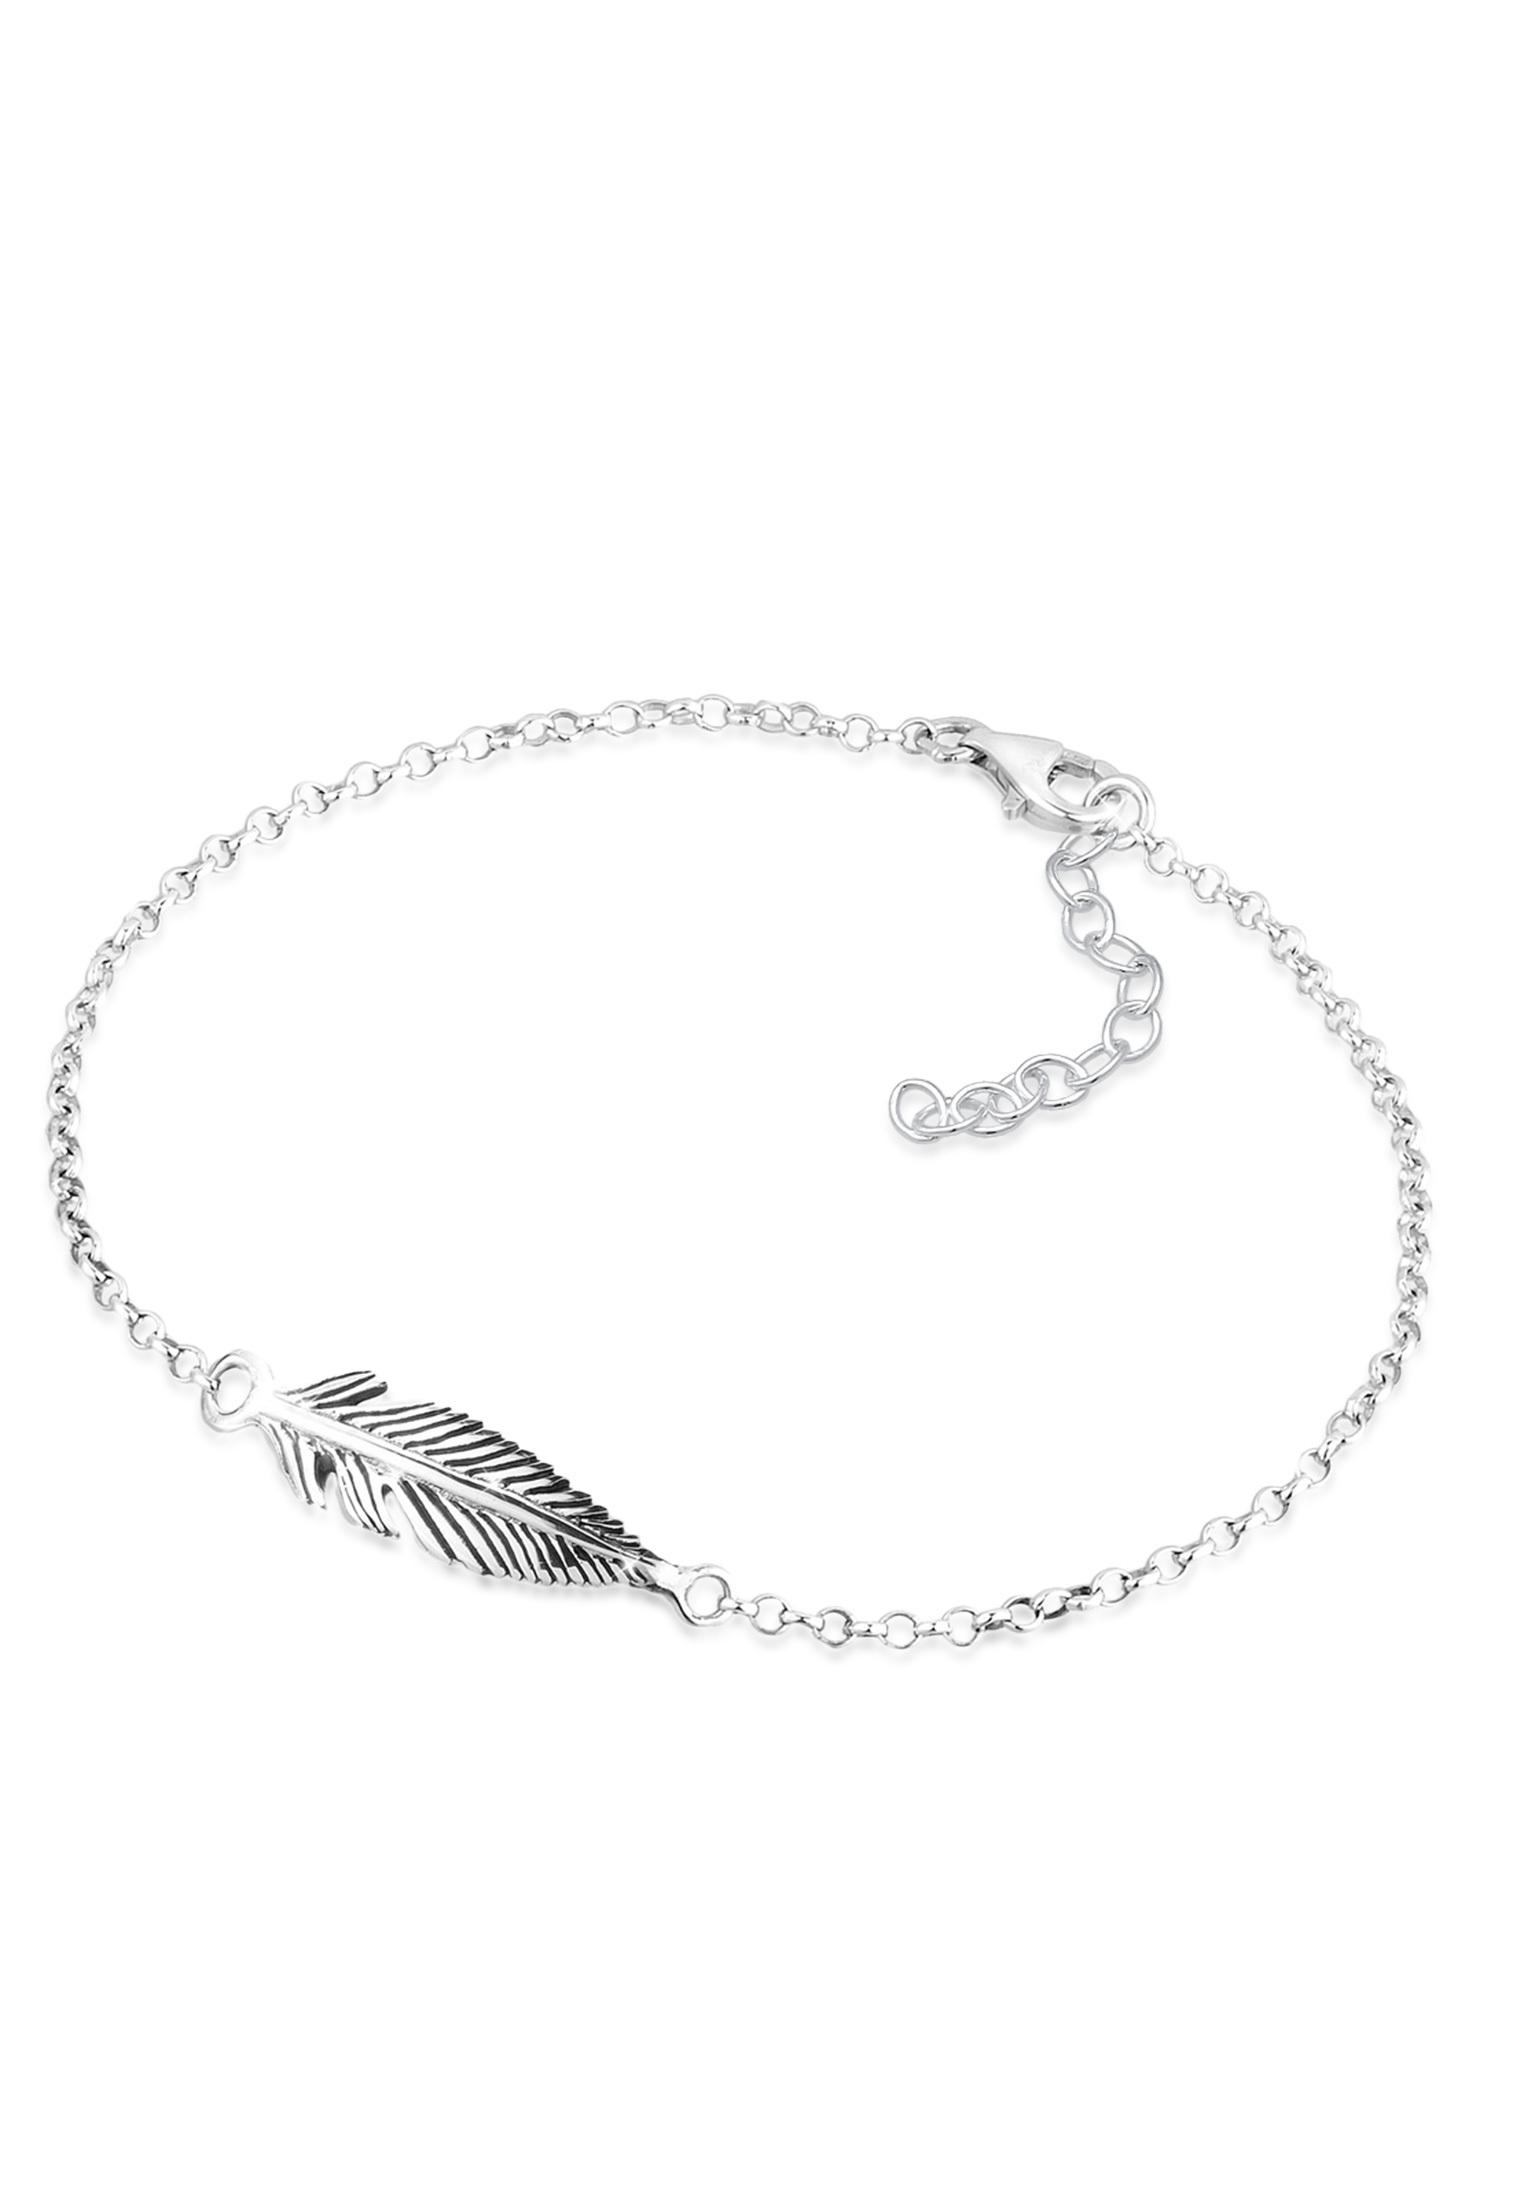 Armband Feder   925er Sterling Silber